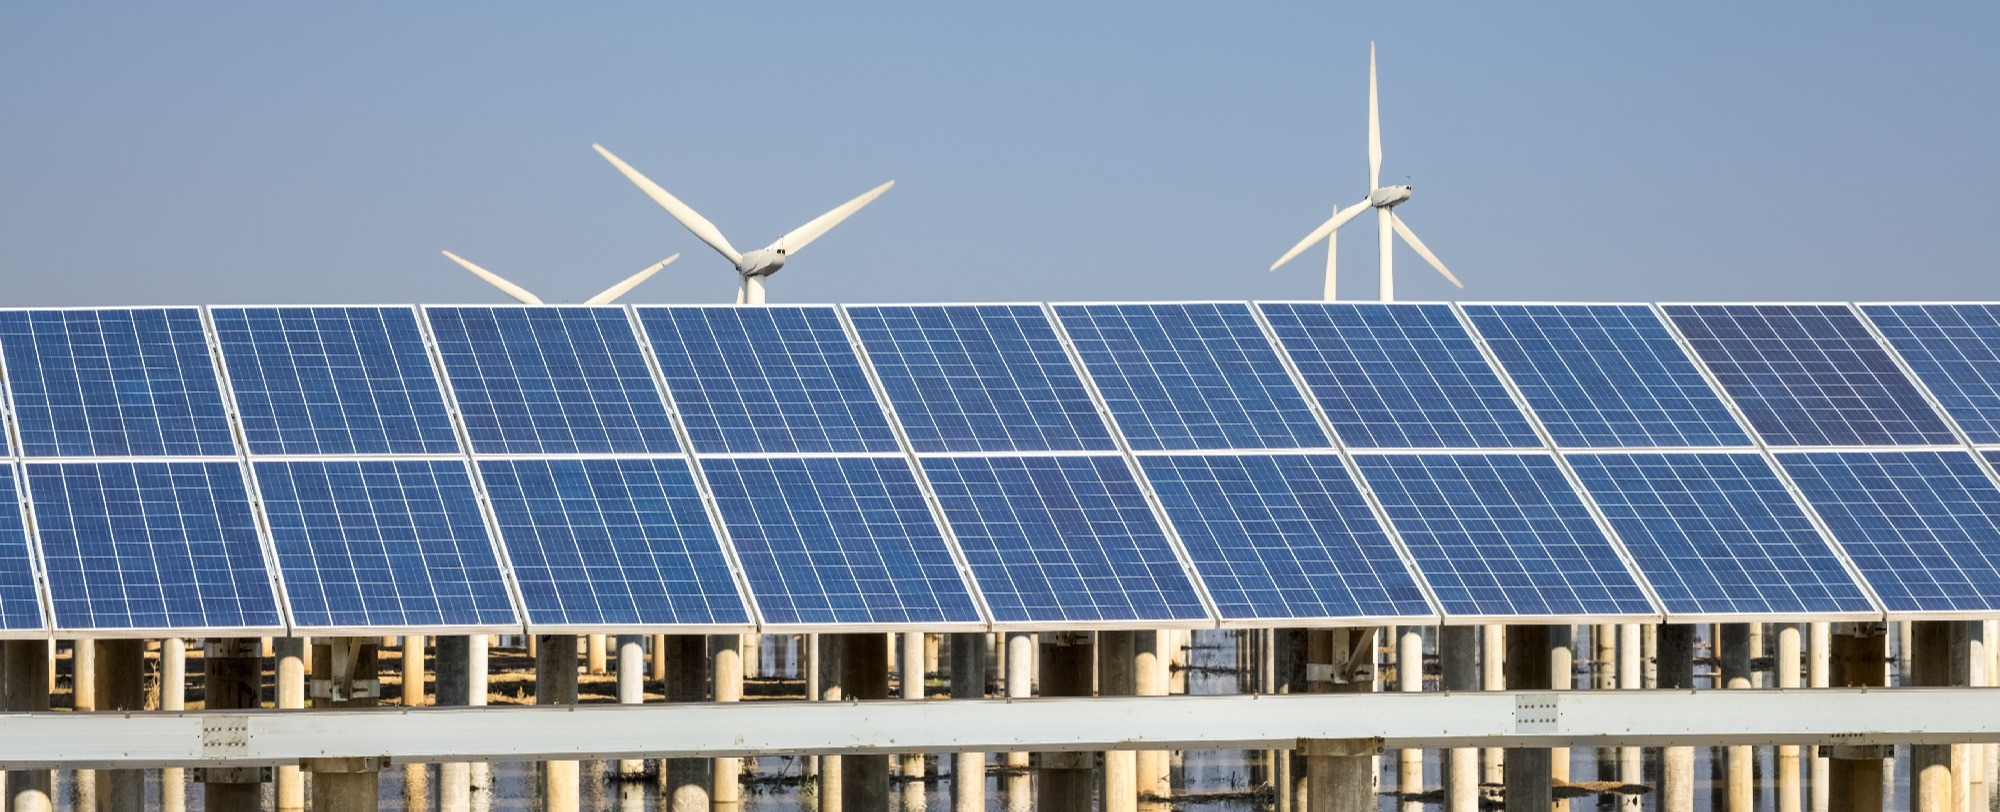 green-energy-against-a-blue-sky-PA8FKAV-1